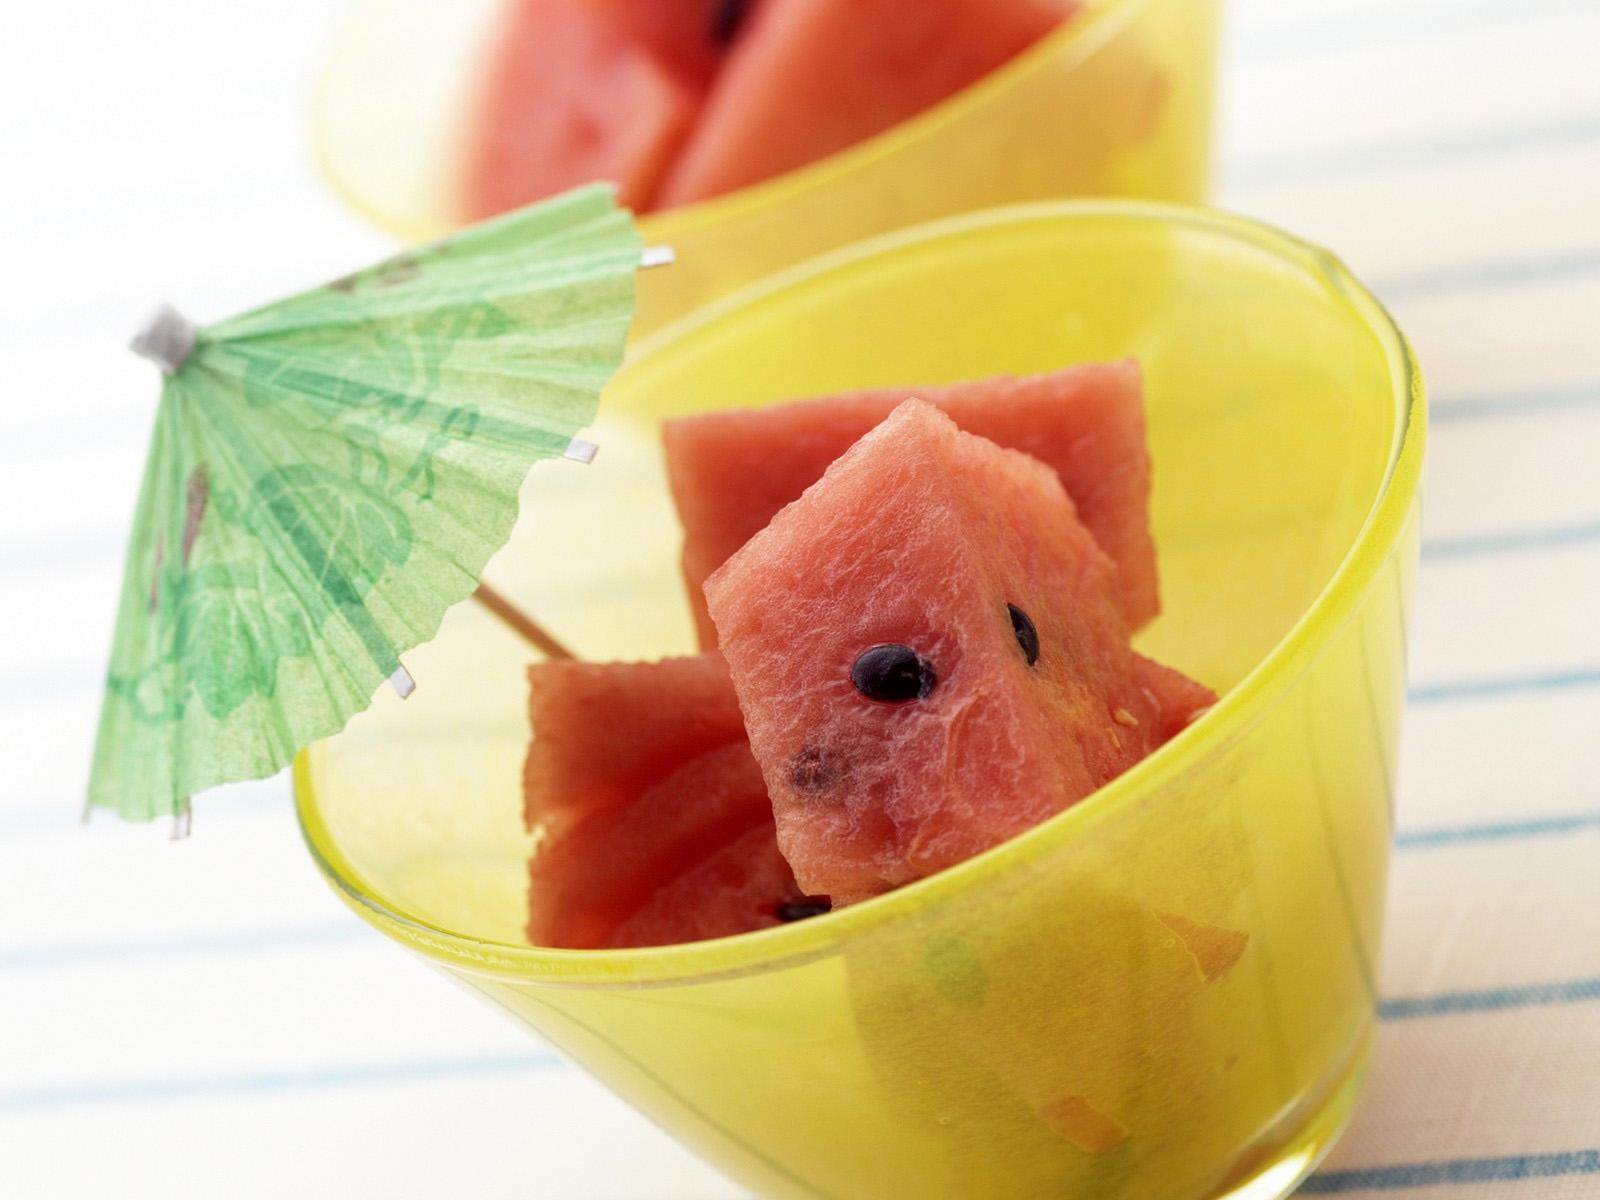 fond d'écran : aliments, fruit, dessert, smoothie, melon, pastèque